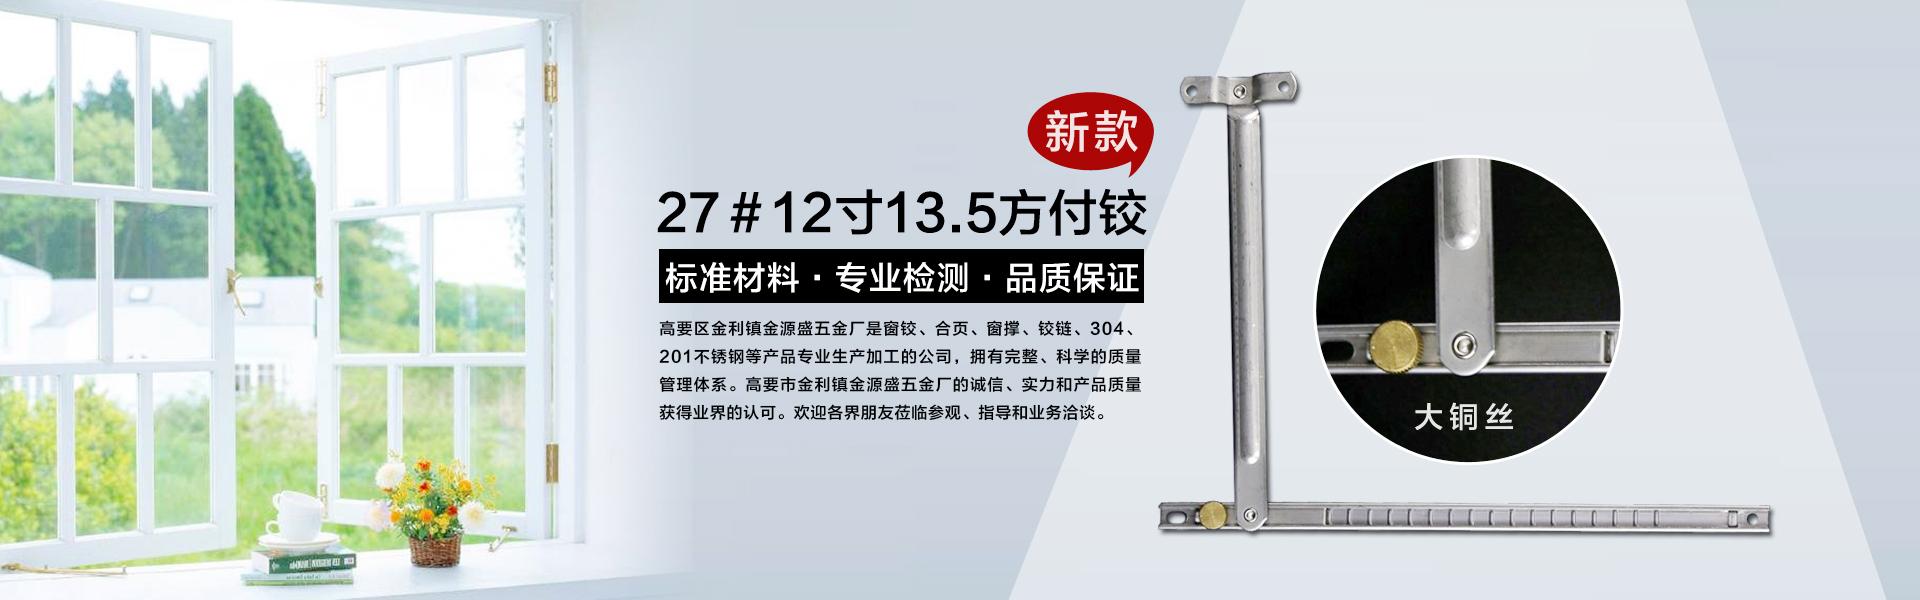 高要区金利镇金源盛五金厂是窗铰、合页、窗撑、铰链、304、201不锈钢等产品生产加工的公司。